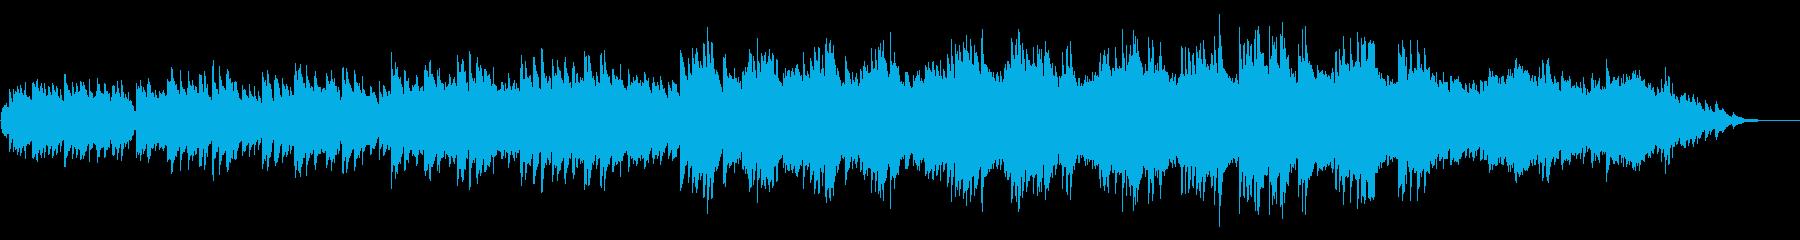 ピアノの旋律が心に沁みるバラード弾き語りの再生済みの波形